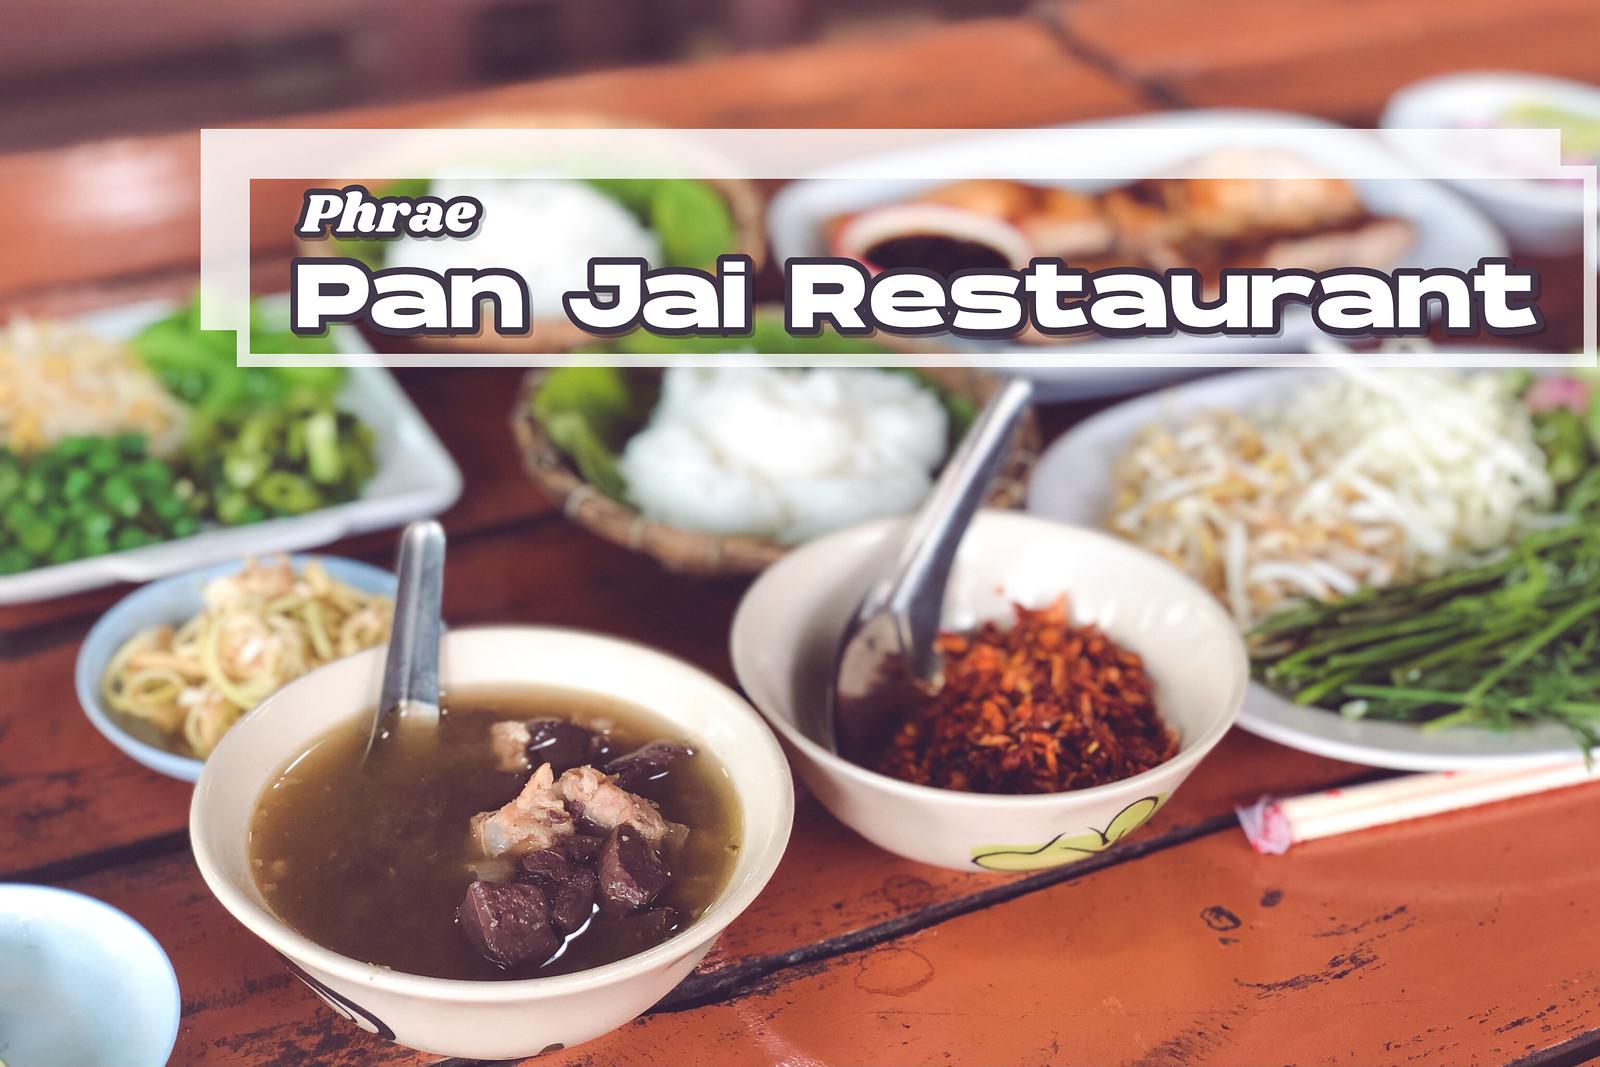 帕府經典老牌泰北米線「Pan Jai Restaurant ร้านอาหารปั๋นใจ๋」